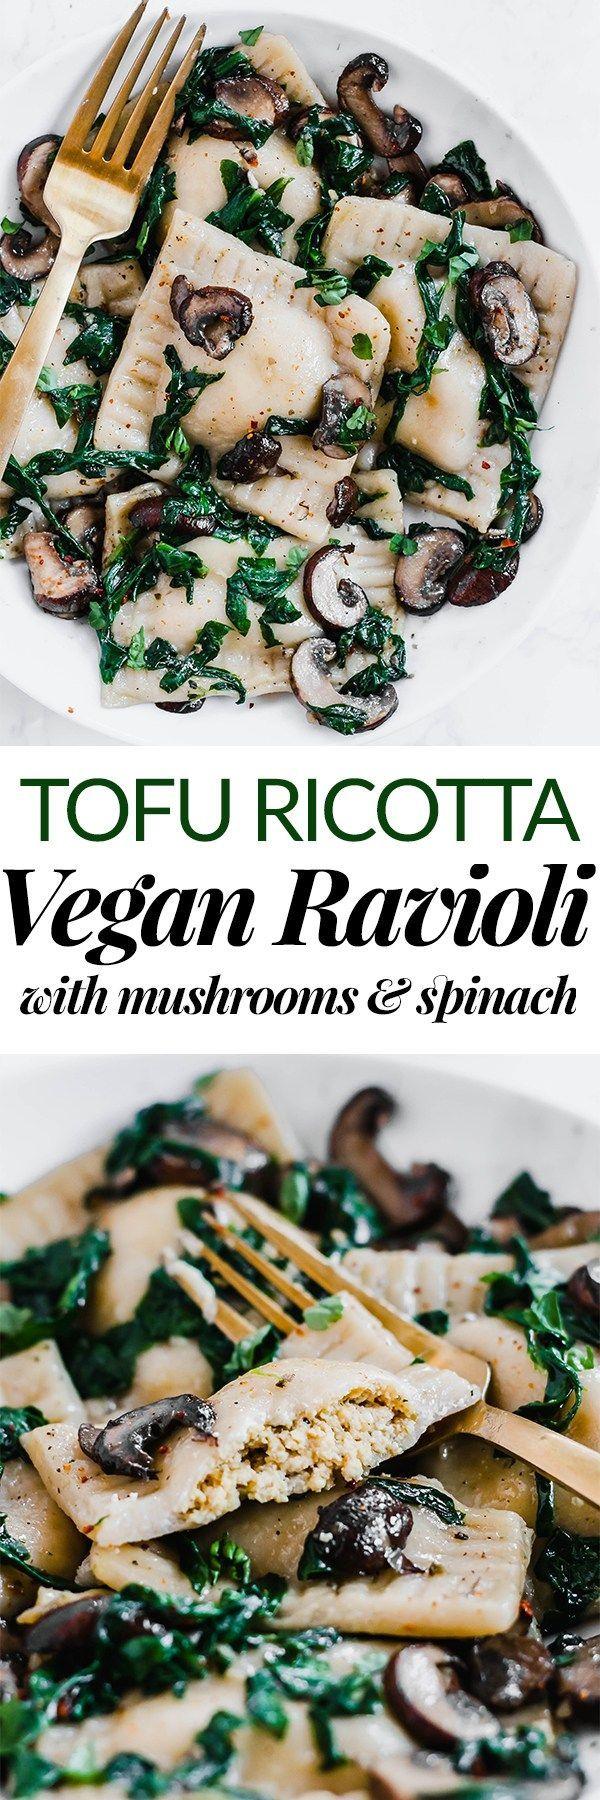 Tofu Ricotta Vegan Ravioli aux Champignons